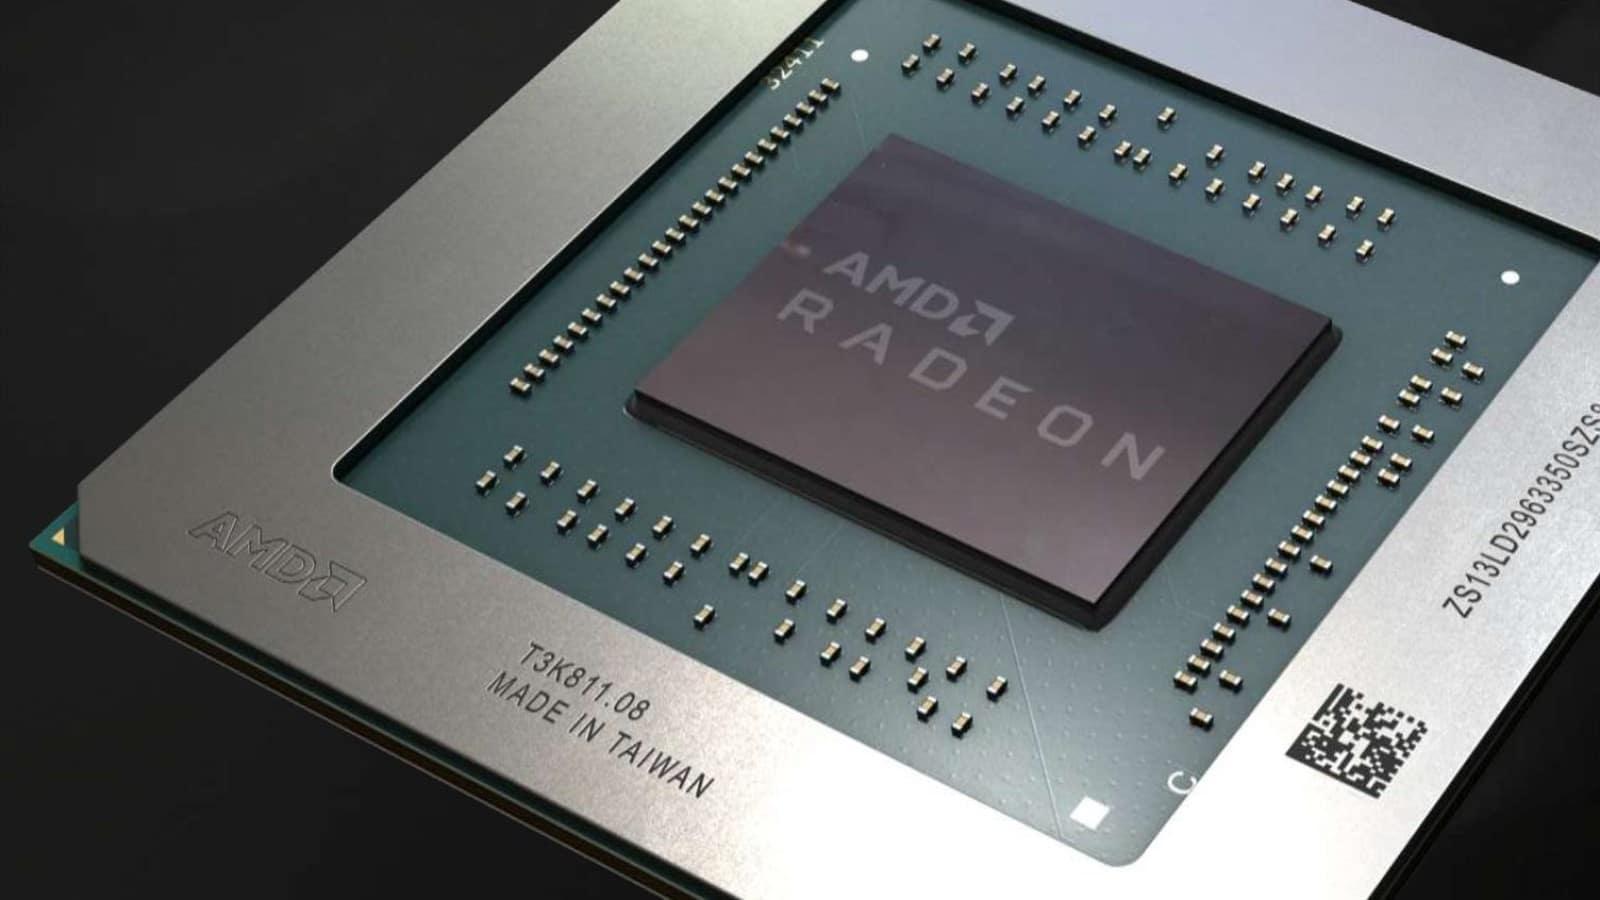 amd navi gpu chip in future samsung phones